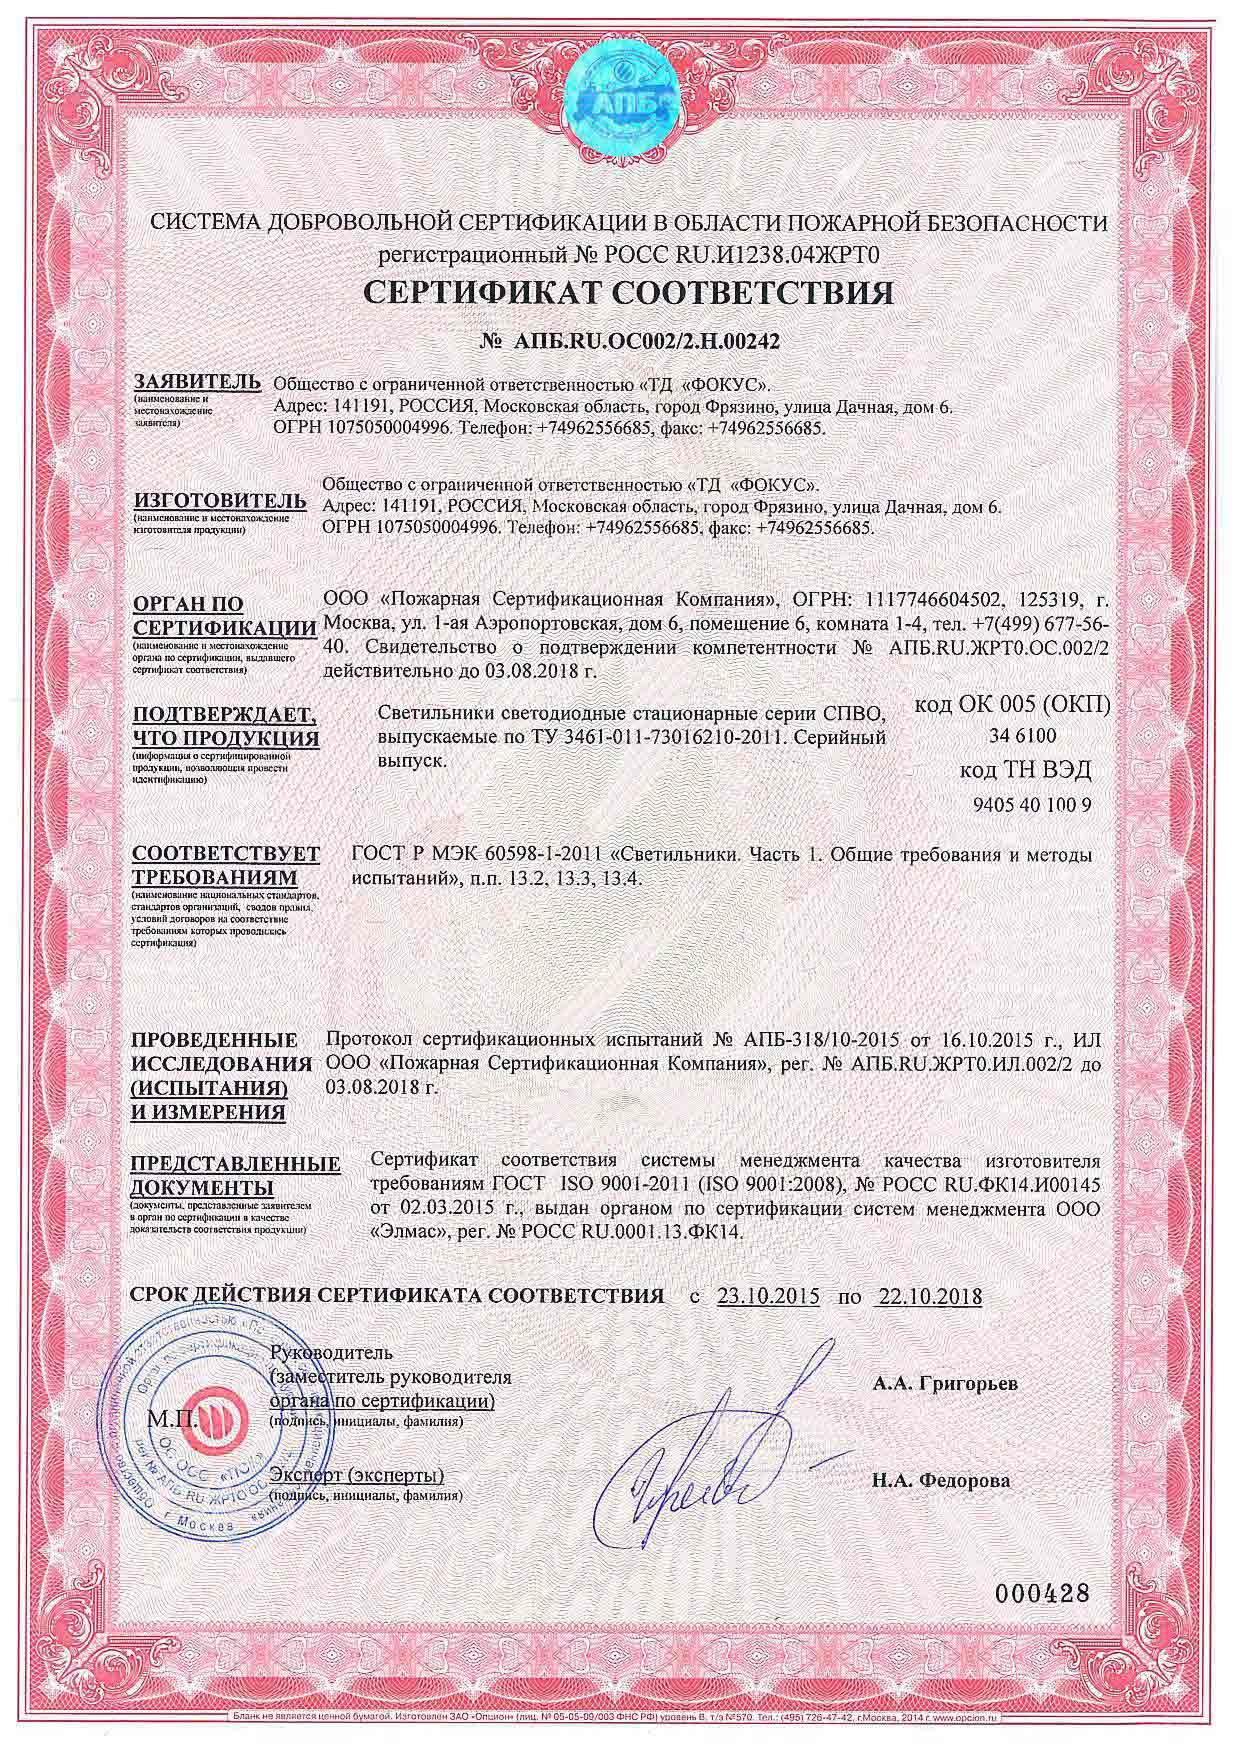 Серия СПВО. Сертификат соответствия. Система добровольной сертификации в области пожарной безопасности